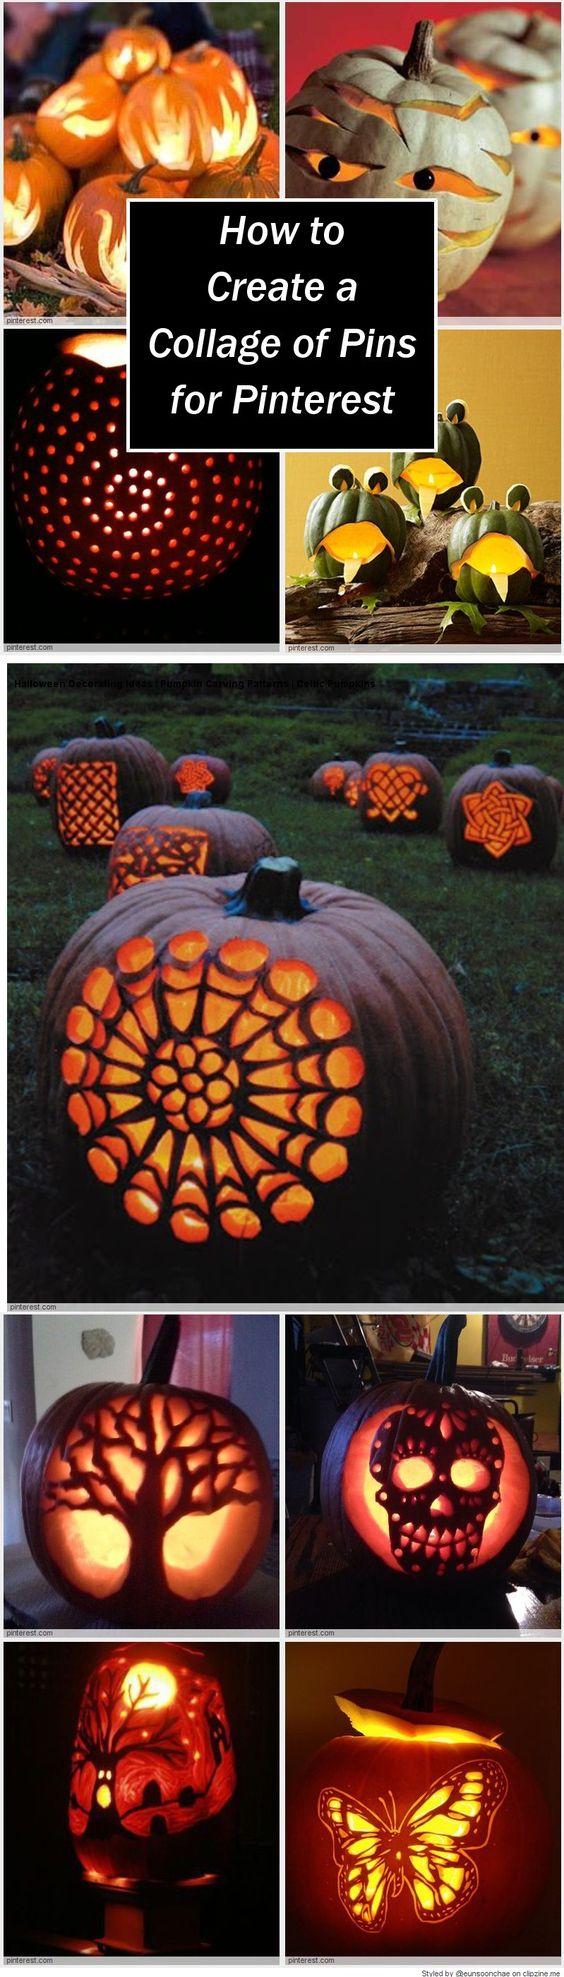 Pumpkins Last Night And House Ideas On Pinterest